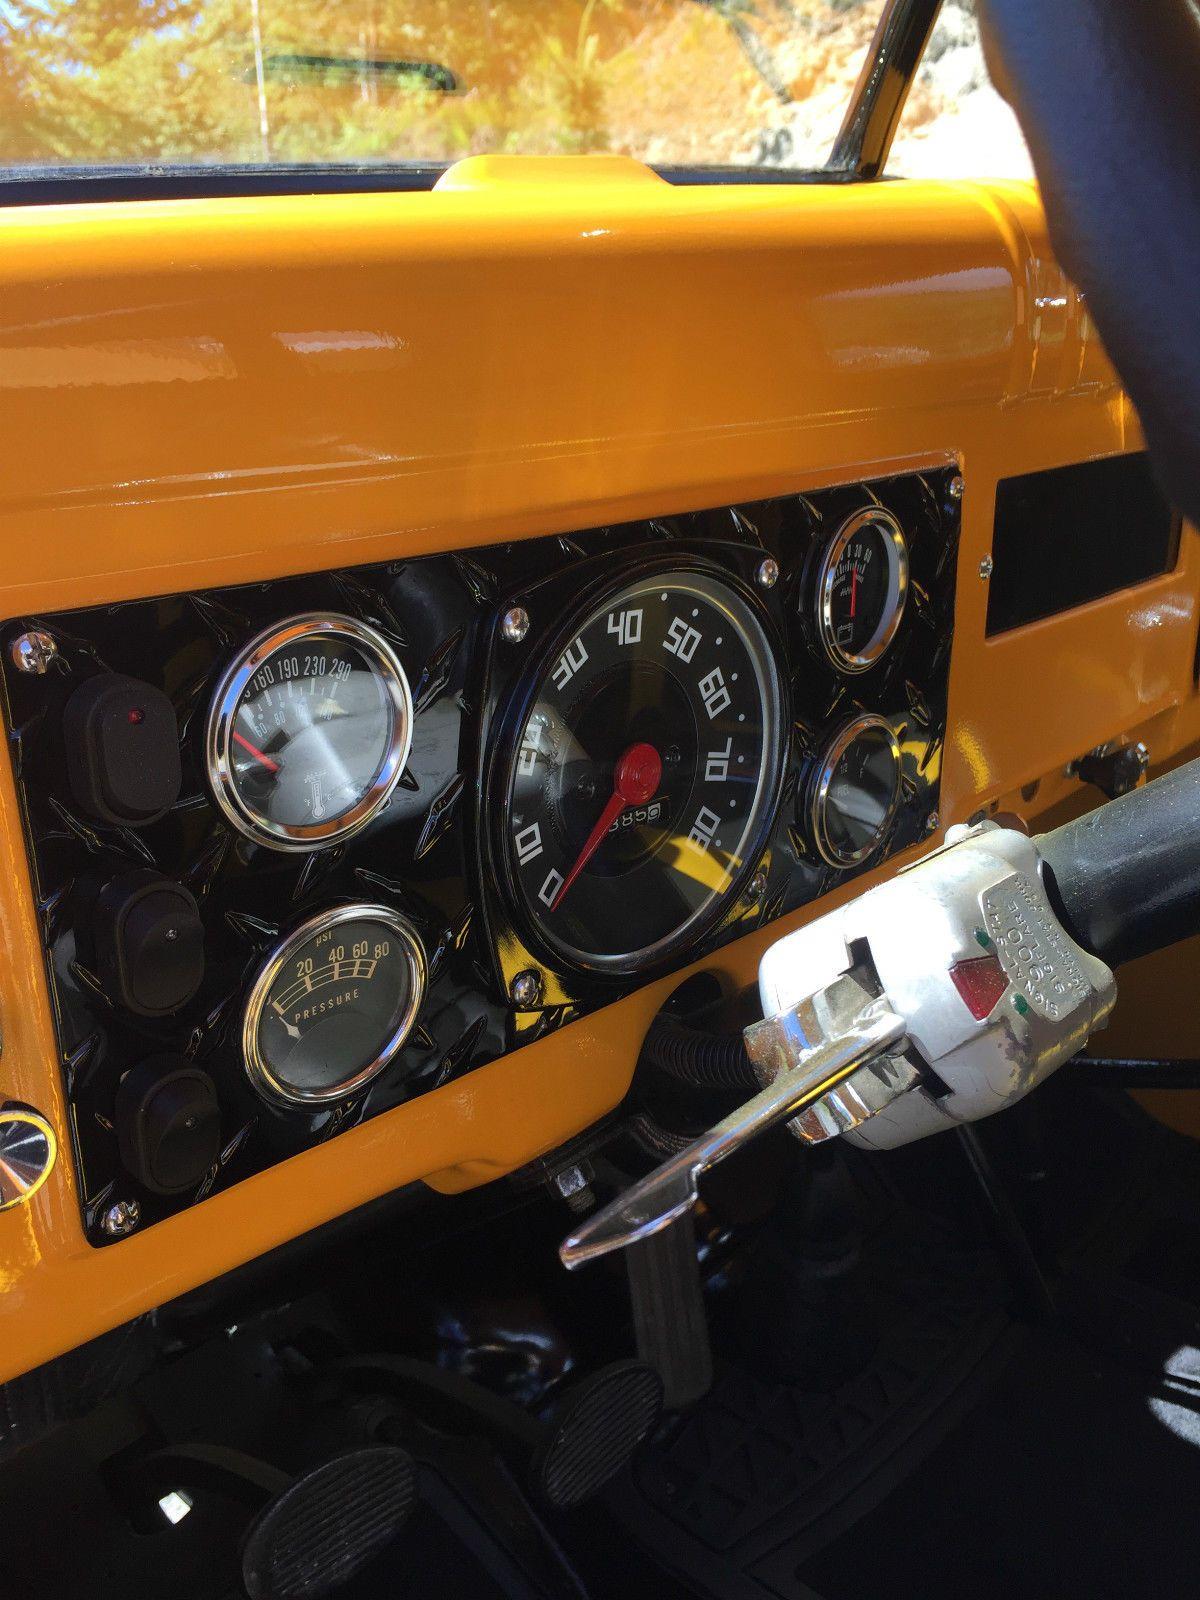 US $30,000.00 Used in eBay Motors, Cars & Trucks, Dodge | Power ...